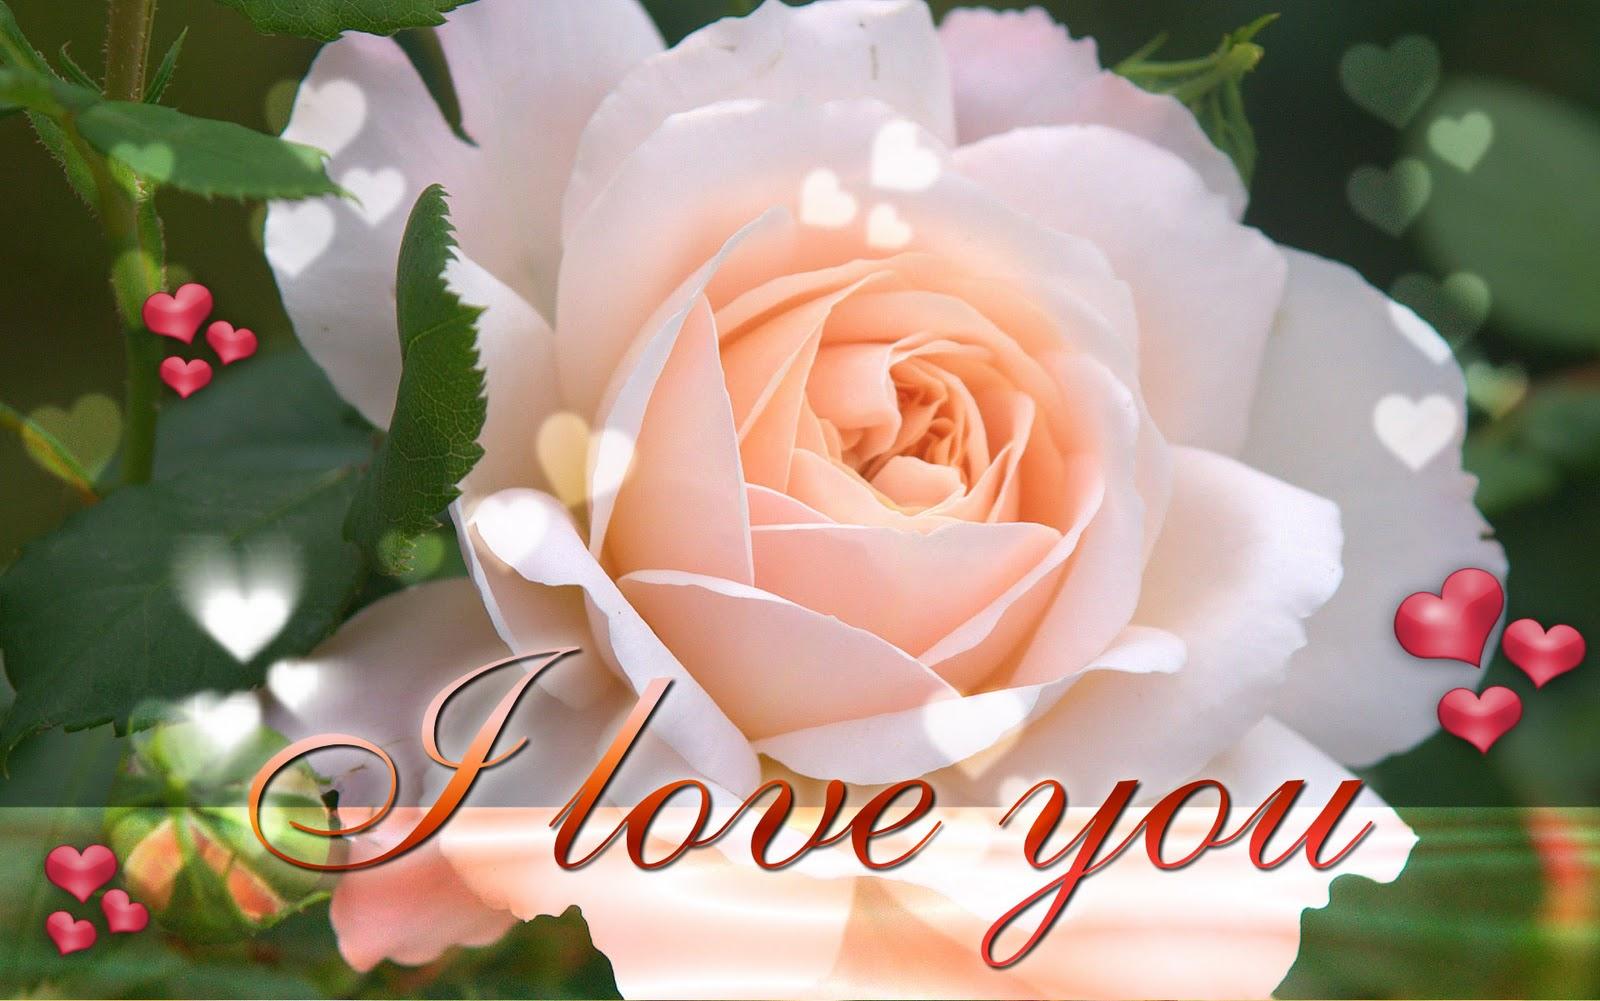 http://2.bp.blogspot.com/-WXzz83-pPN0/TttUCTjAUCI/AAAAAAAABMM/yiXQNCoEi7s/s1600/i-love-you-ecard-wallpaper.jpg